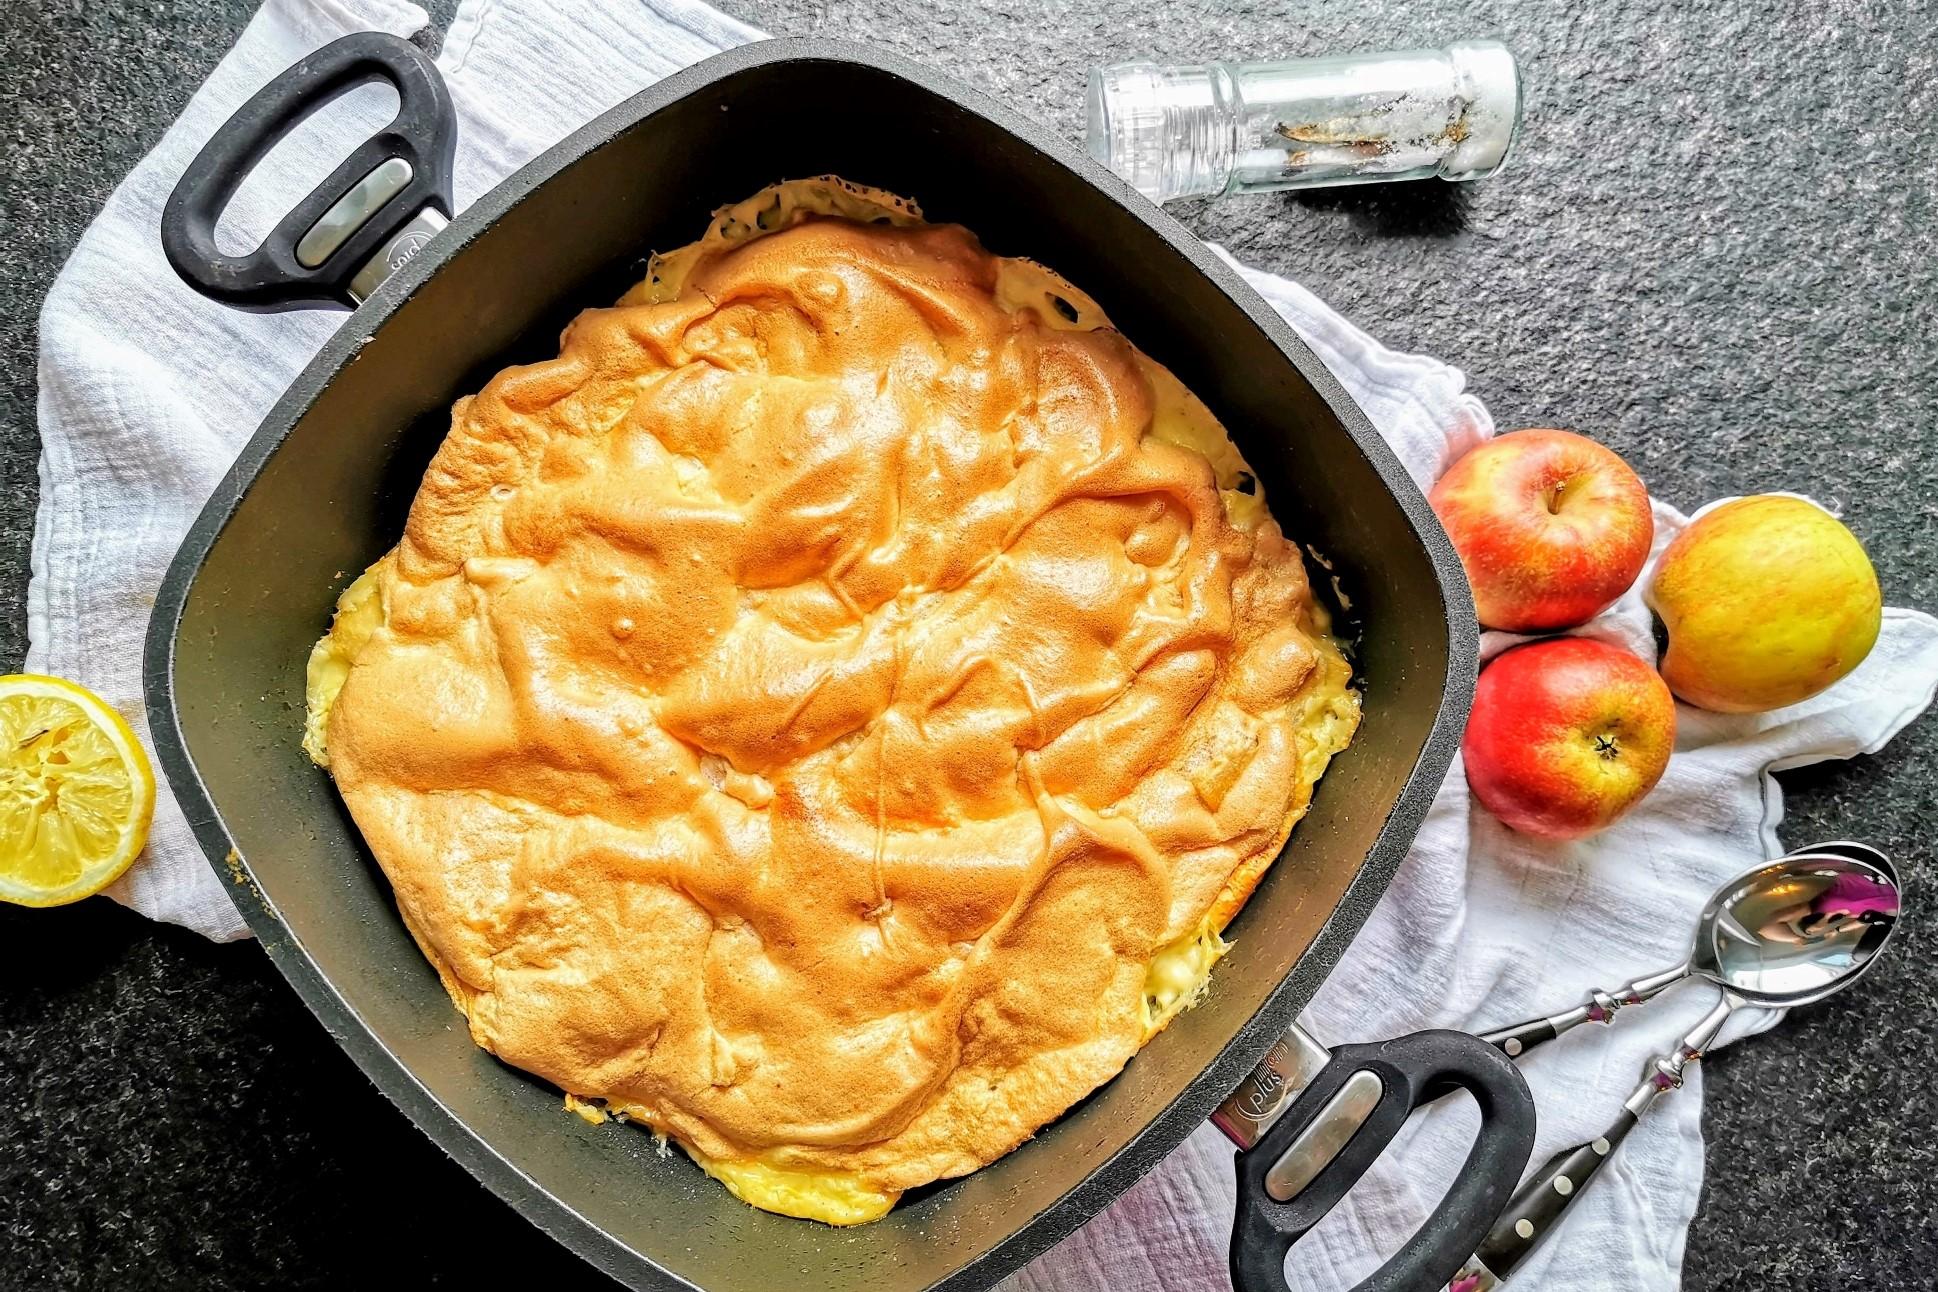 Apfelreis ist ein Auflauf mit Milchreis und Äpfeln. Ein tolles vegetarisches Rezept zum Essen mit Kindern.